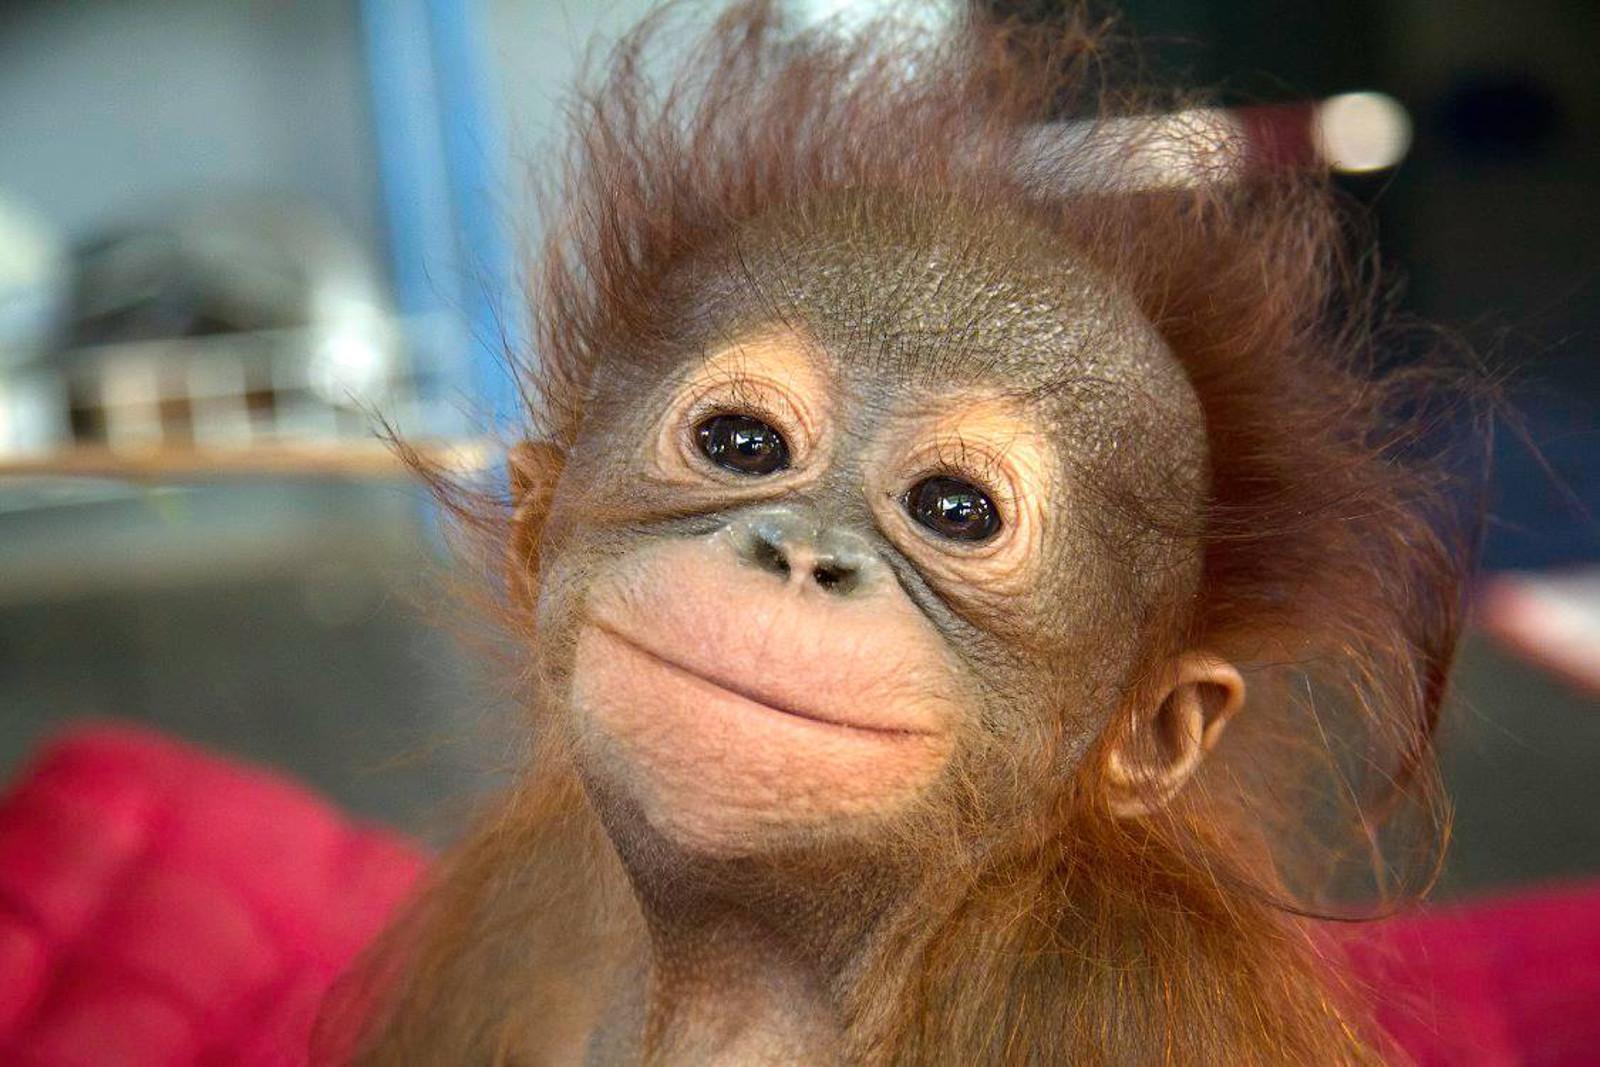 Надписью, доброе утро любимый картинки красивые с надписью прикольные с шимпанзе